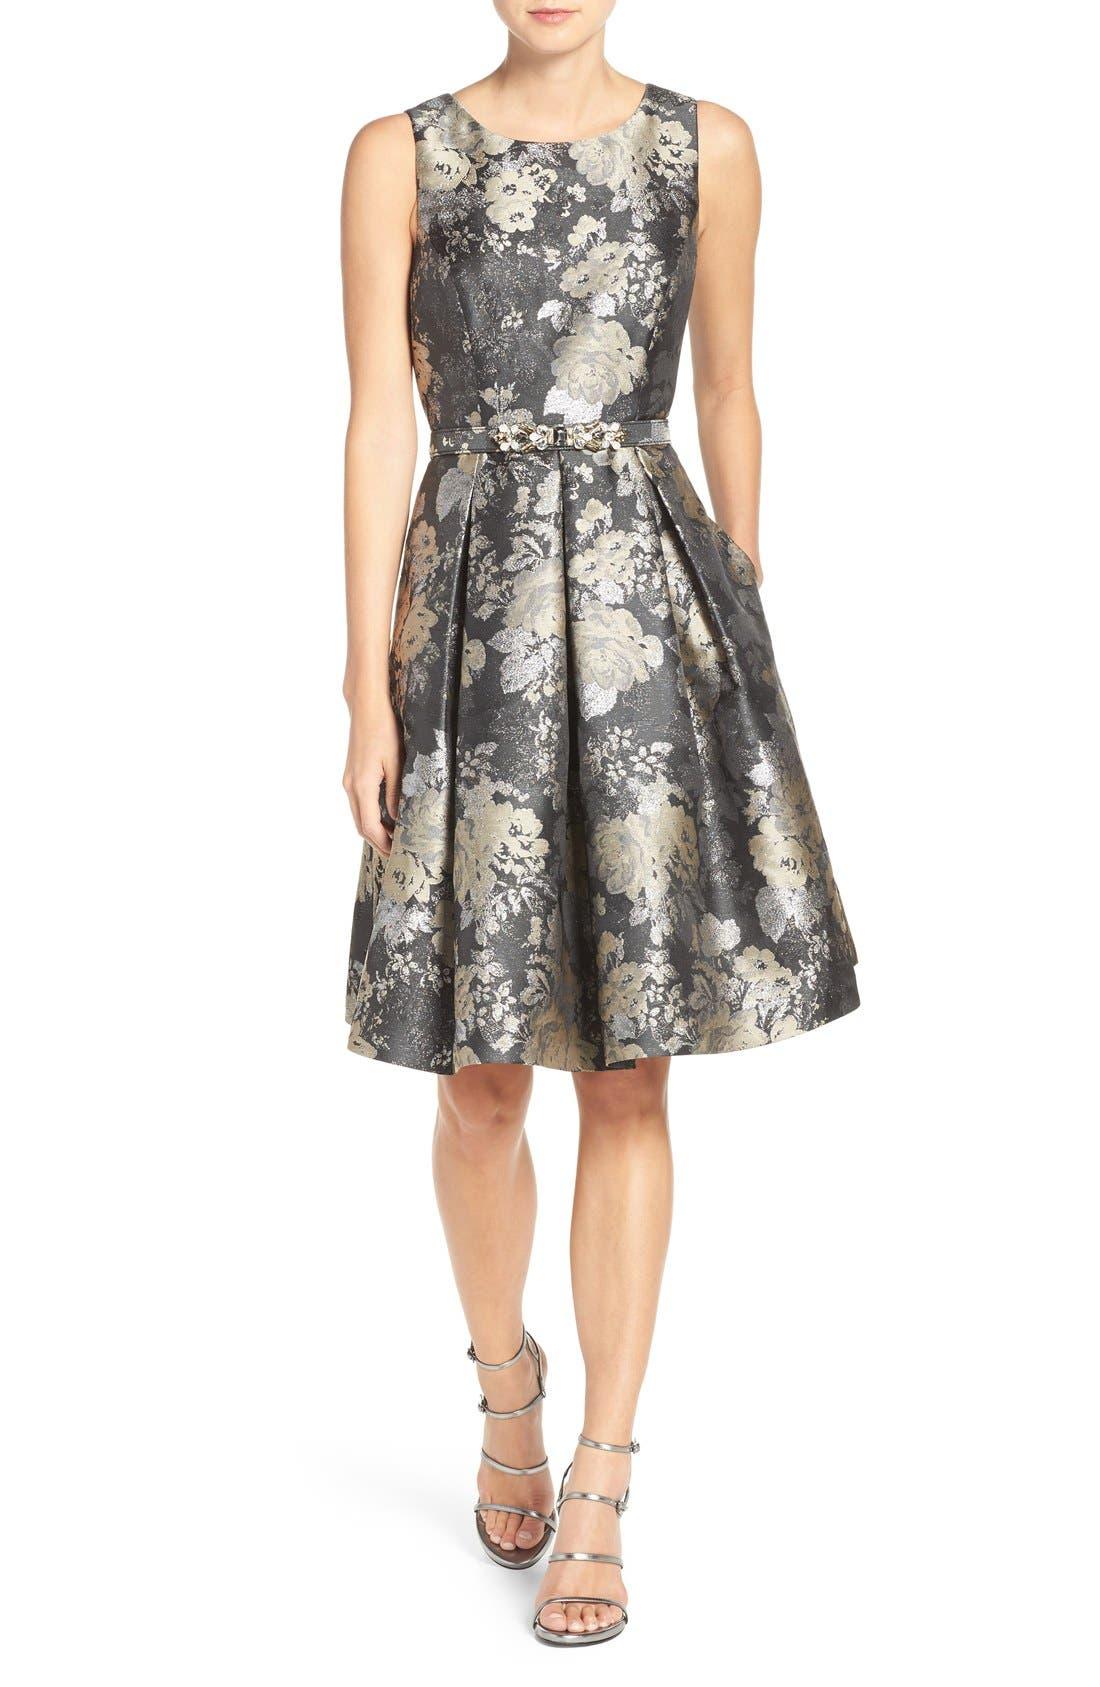 Alternate Image 1 Selected - Eliza J Belted Jacquard Fit & Flare Dress (Regular & Petite)